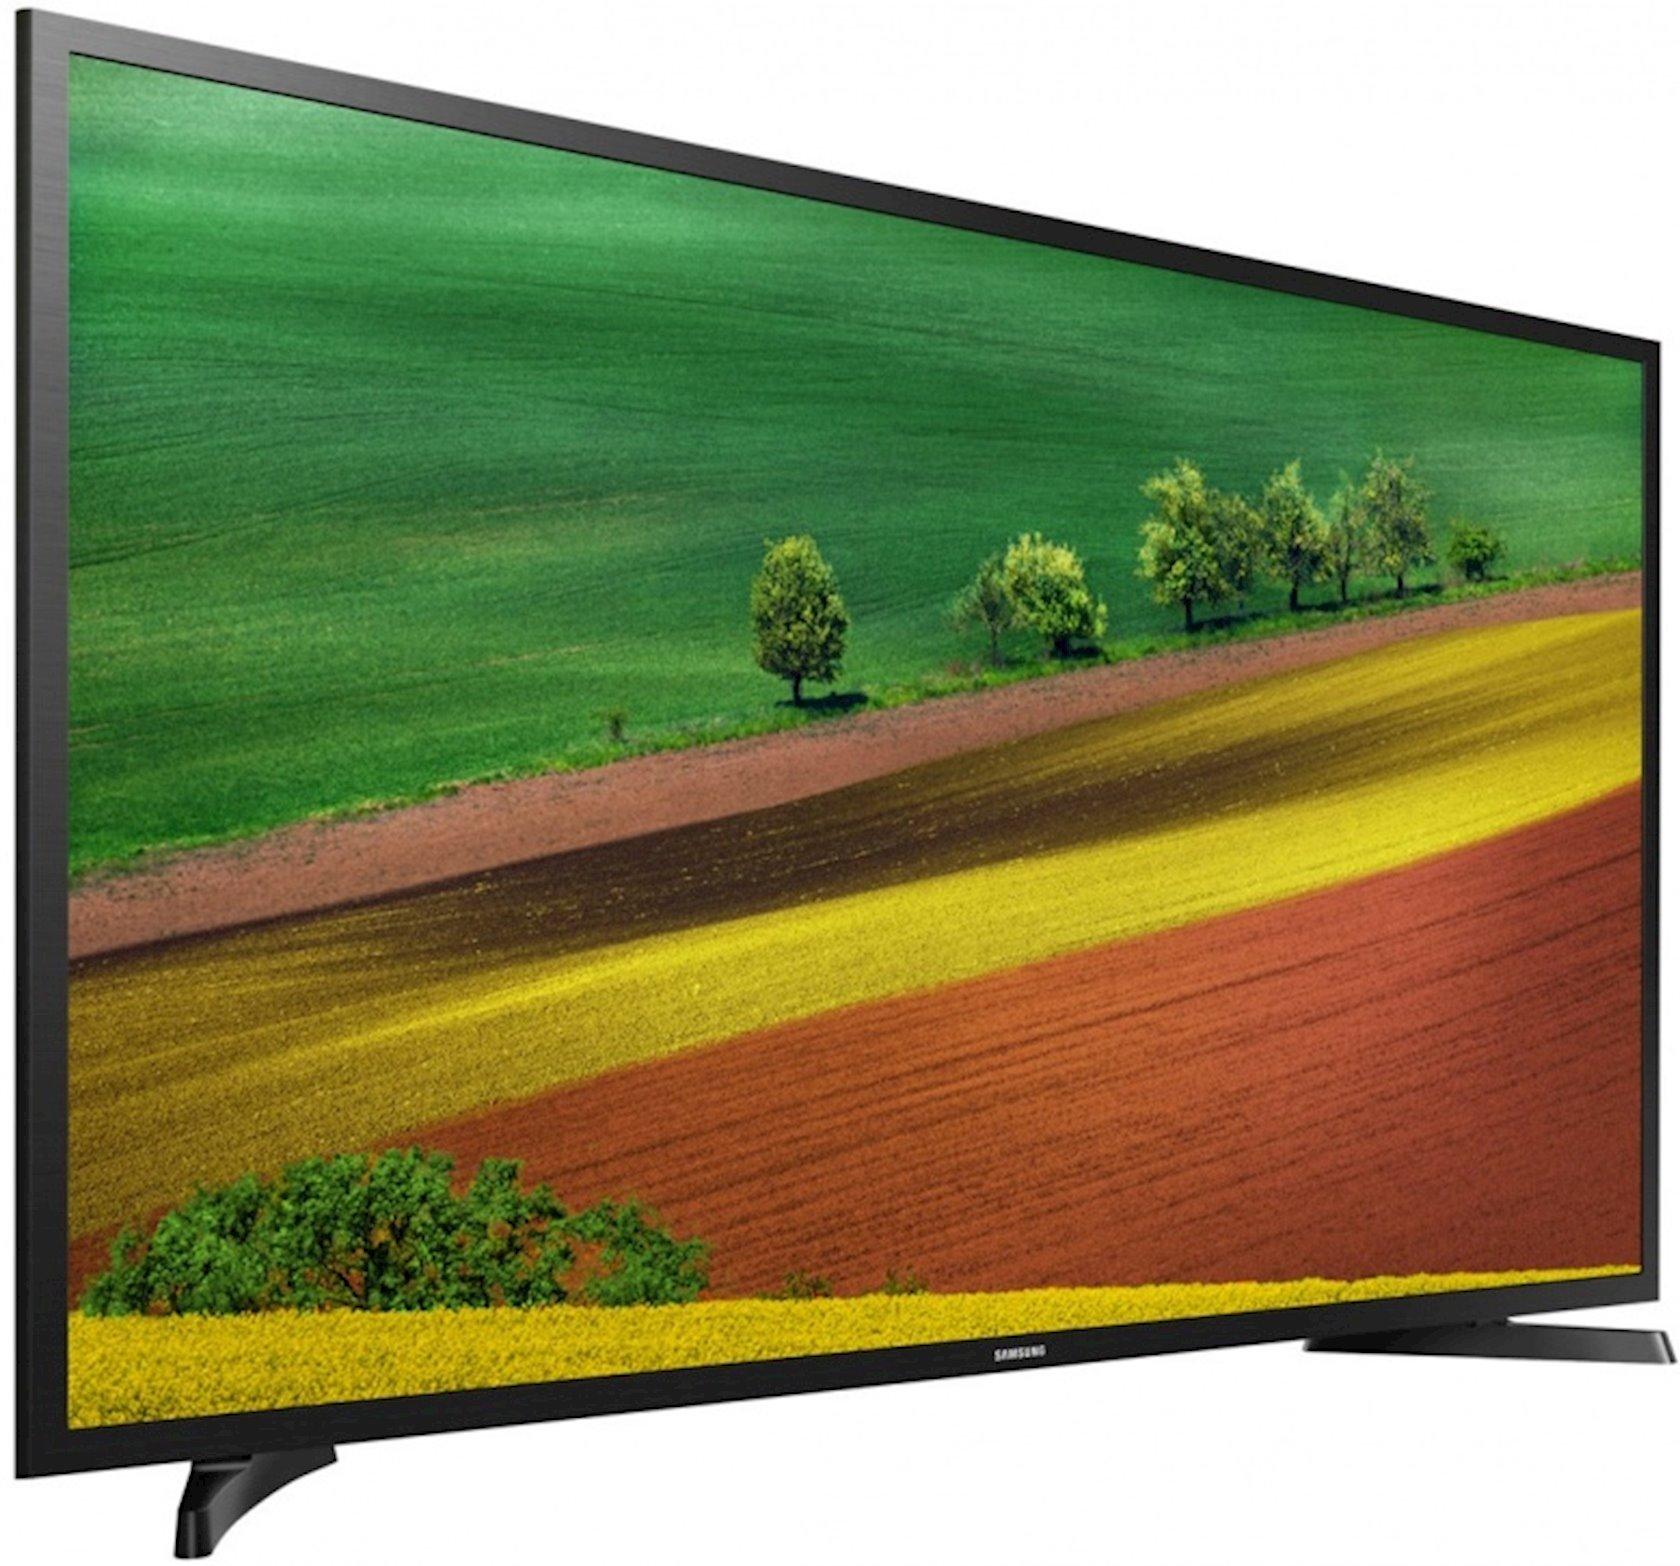 Televizor Samsung LED UE32N4500AUXRU HD READY